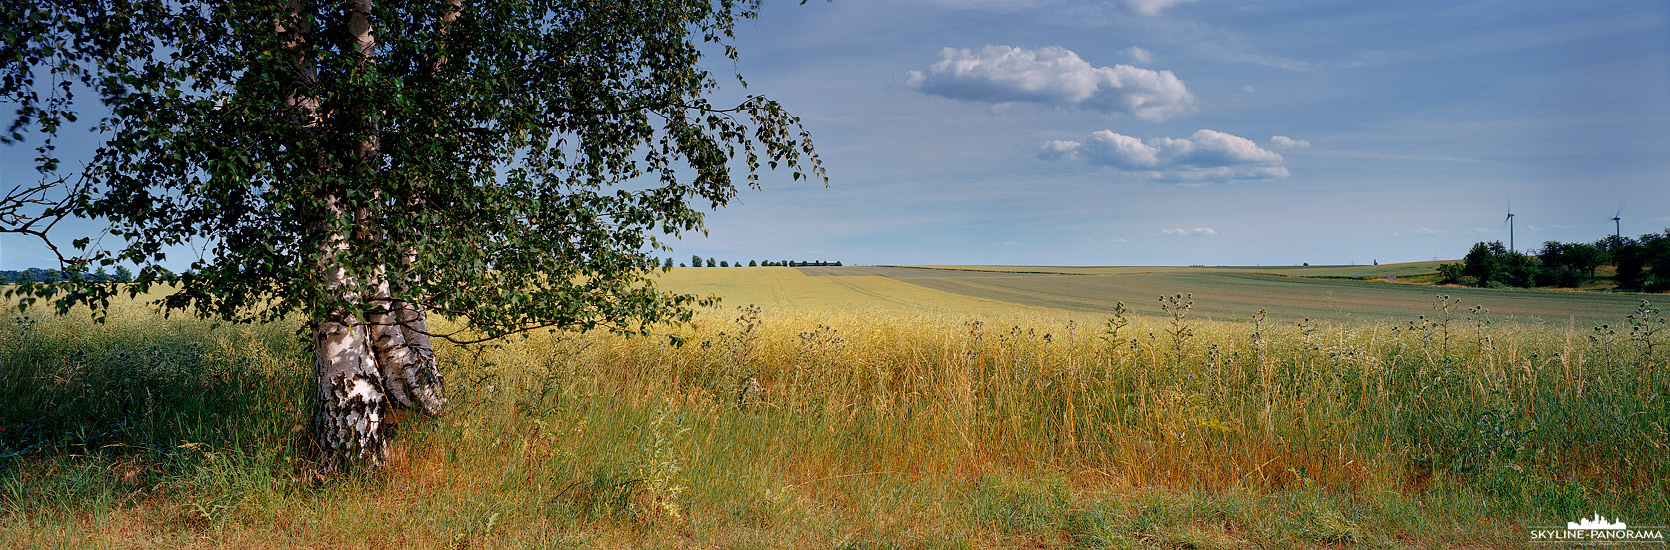 Landschaft mit Birke in Mitteldeutschland (p_01183)